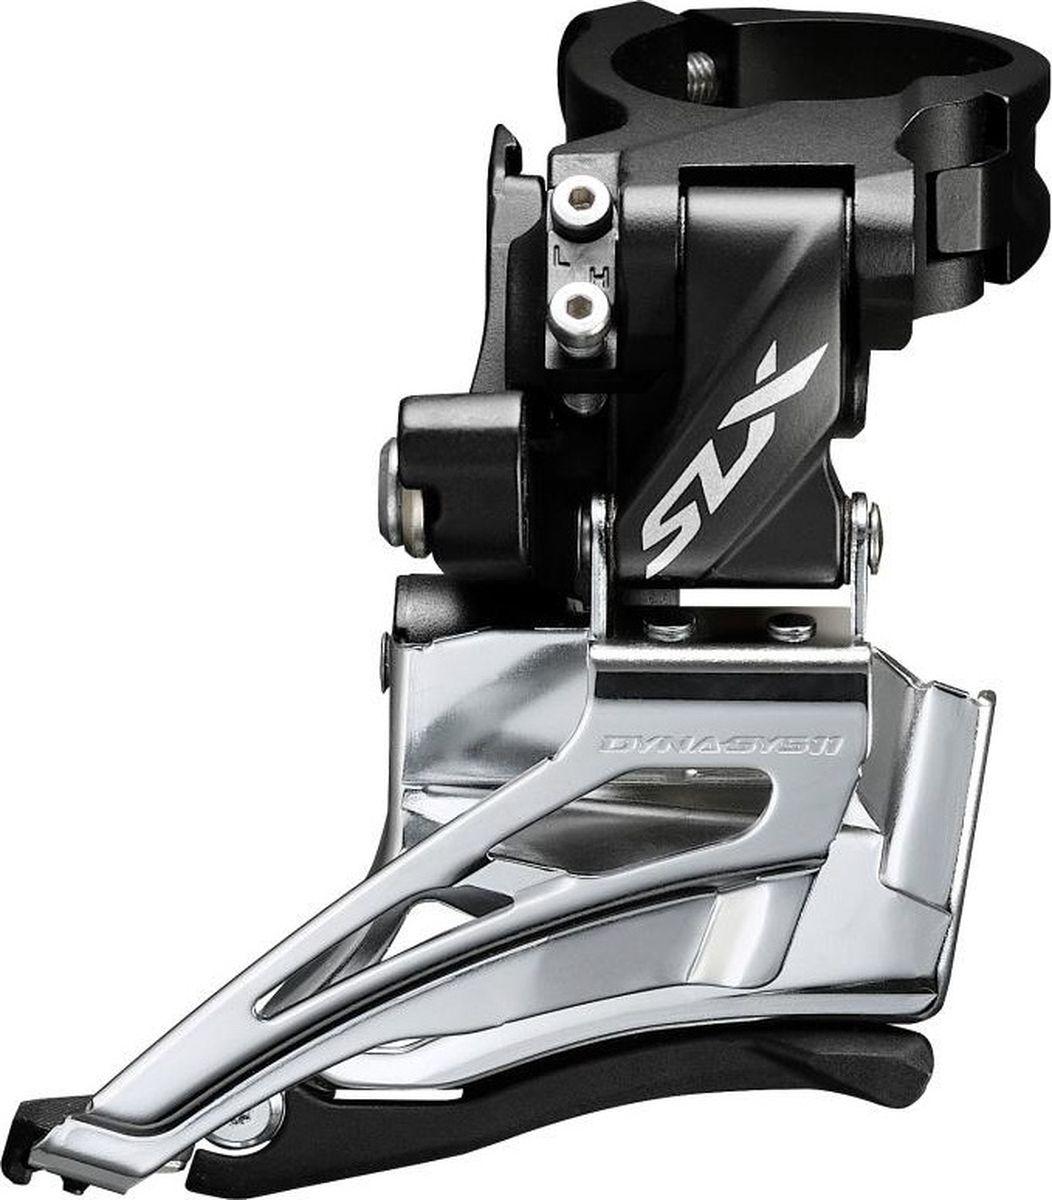 Переключатель передний Shimano SLX M7025-H, для 2 х 11 скоростей, верхний хомут, универсальная тягаIFDM702511HX6Переключатель передний Shimano SLX FD-M7025 на 2x11 скоростей для горного велосипеда высокого уровня. Обеспечивает уверенное и плавное переключение передач.Рассчитан на трансмиссию 2x11 скоростейДолгий срок службы и плавное переключение передачСовместим с цепями Shimano Hyperglide™ (HG) на 11 скоростей